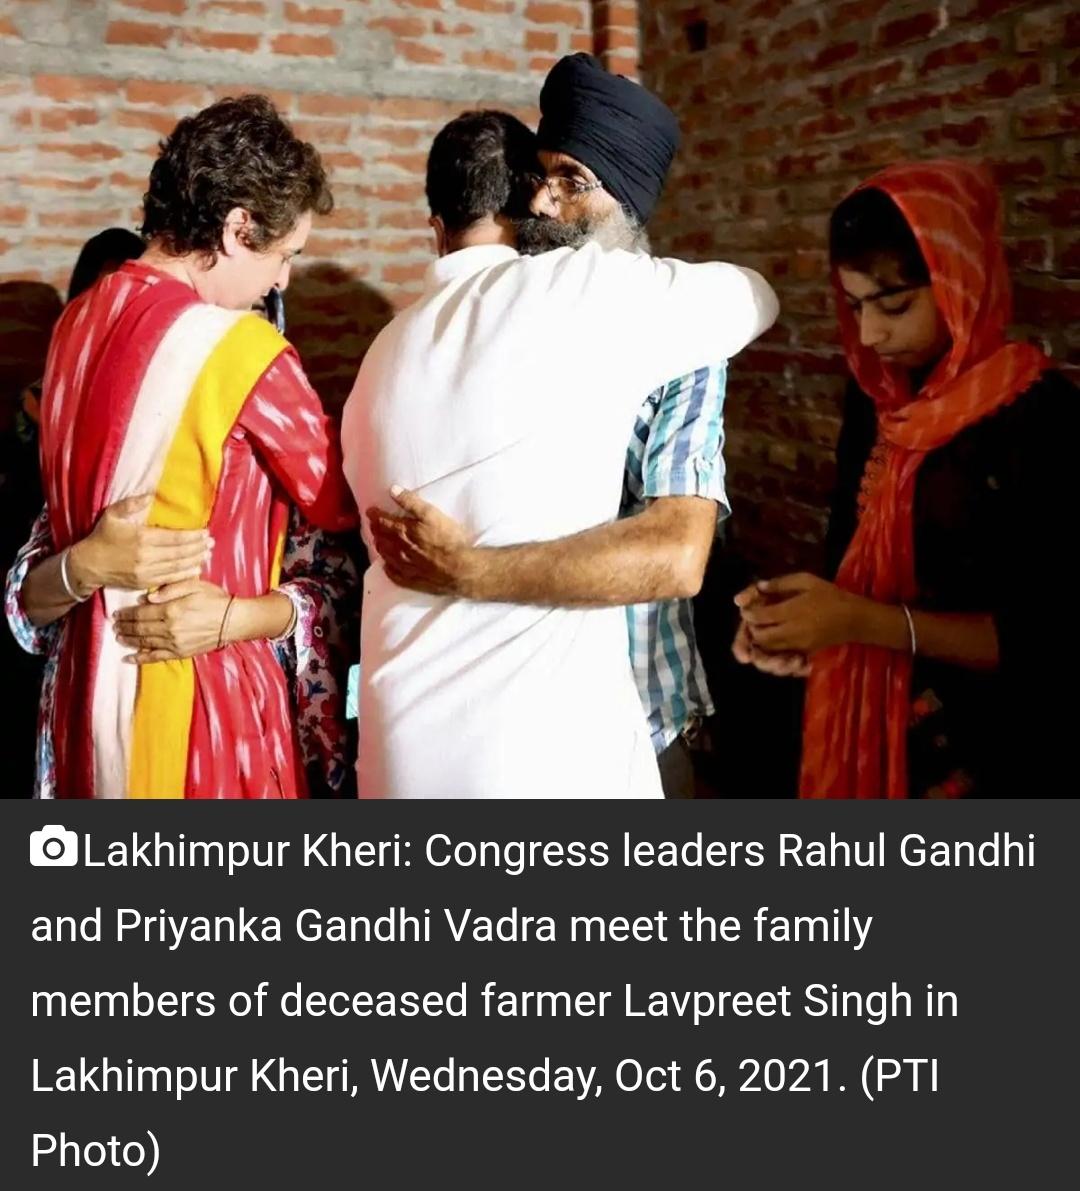 लखीमपुर में मारे गए किसानों के परिवारों से मिले राहुल, प्रियंका 4